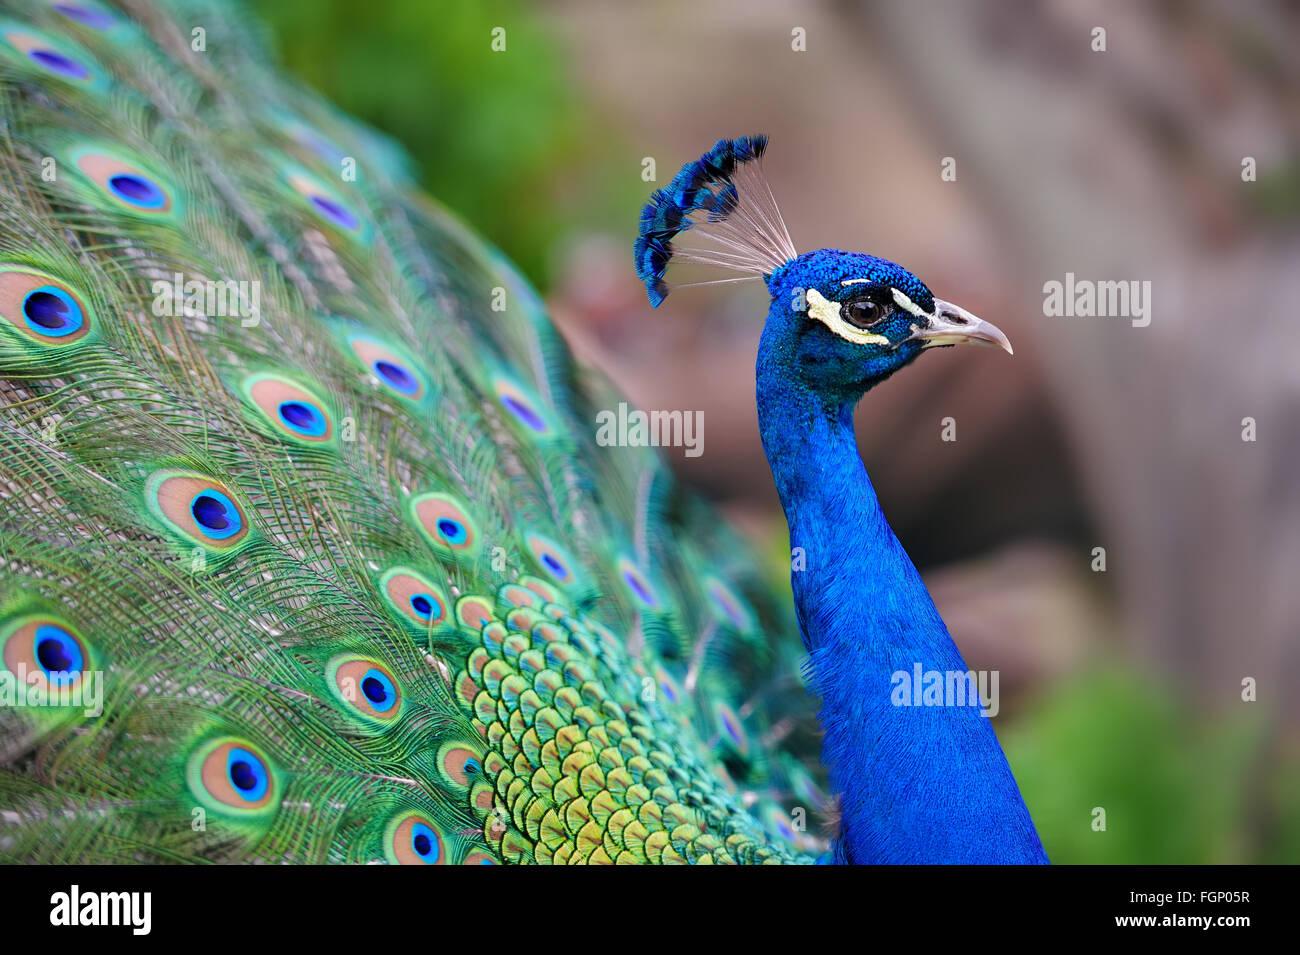 Retrato de hermosa con plumas de pavo real fuera Foto de stock